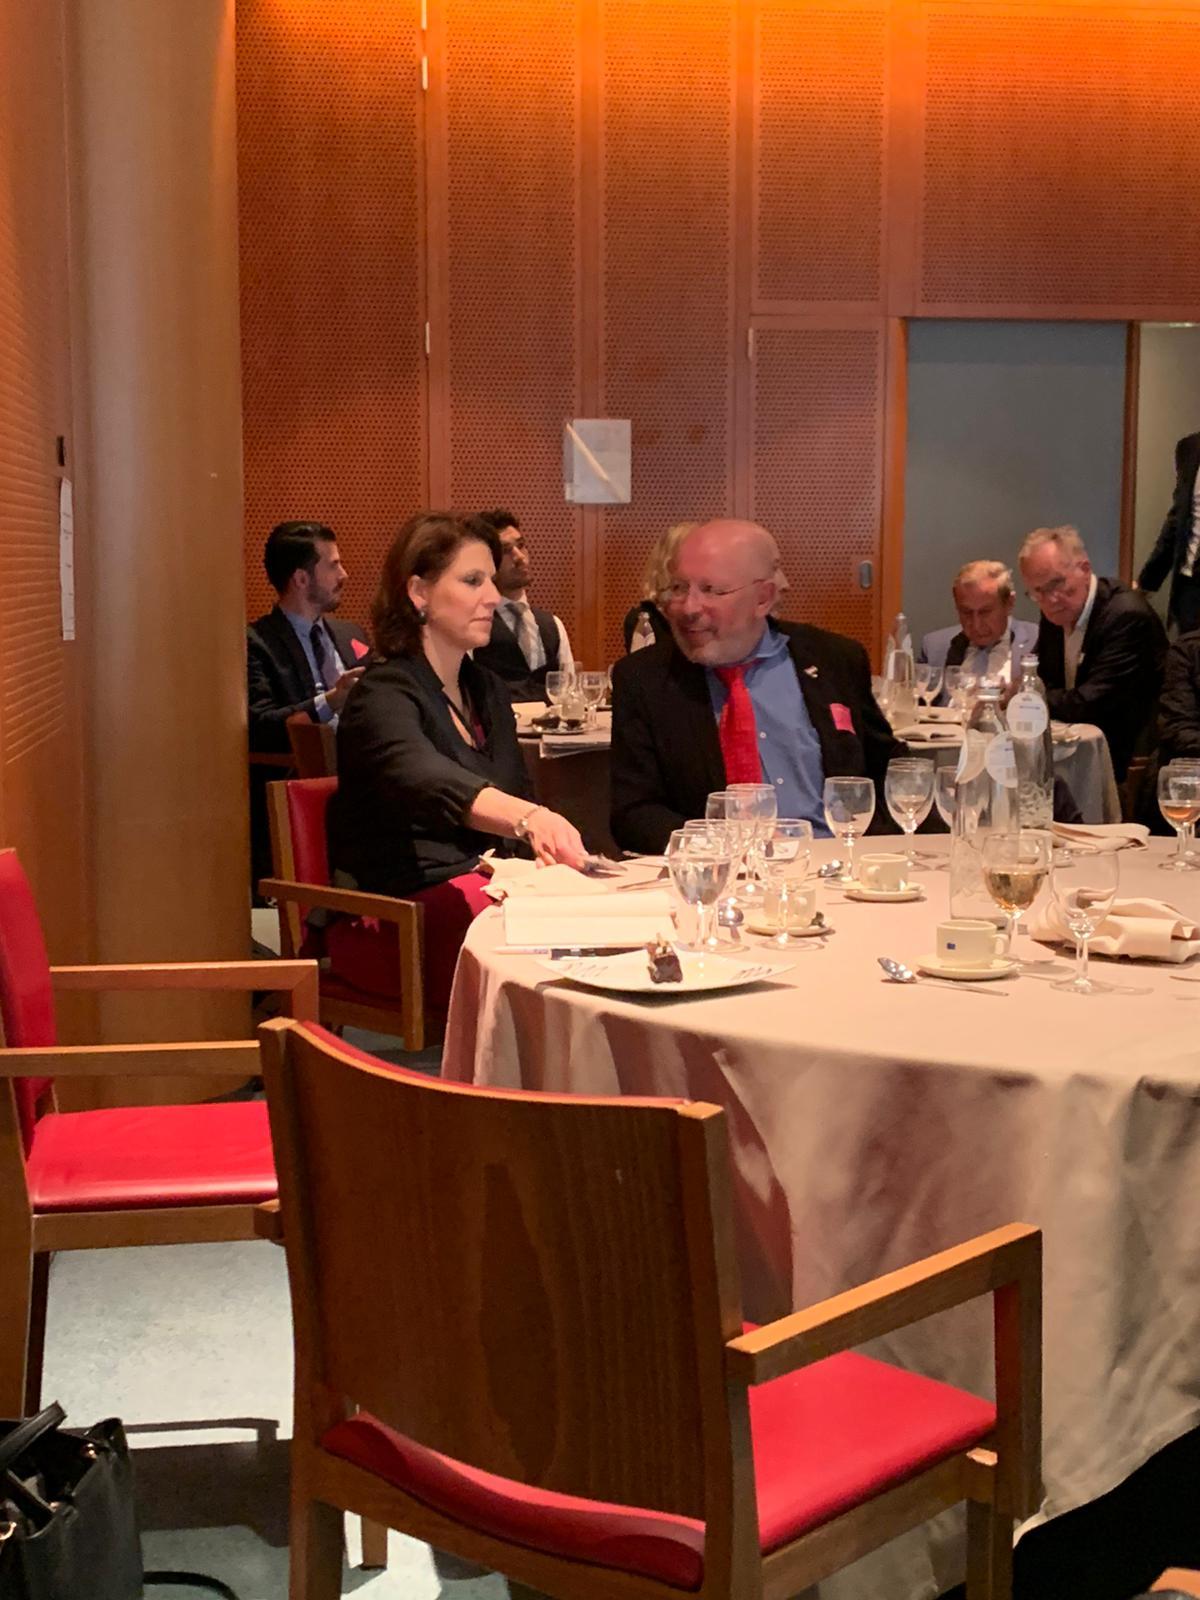 Dr. Dieter Körner im Gespräch mit Frau Karoline Edtstadler Mitglied des Europäischen Parlaments